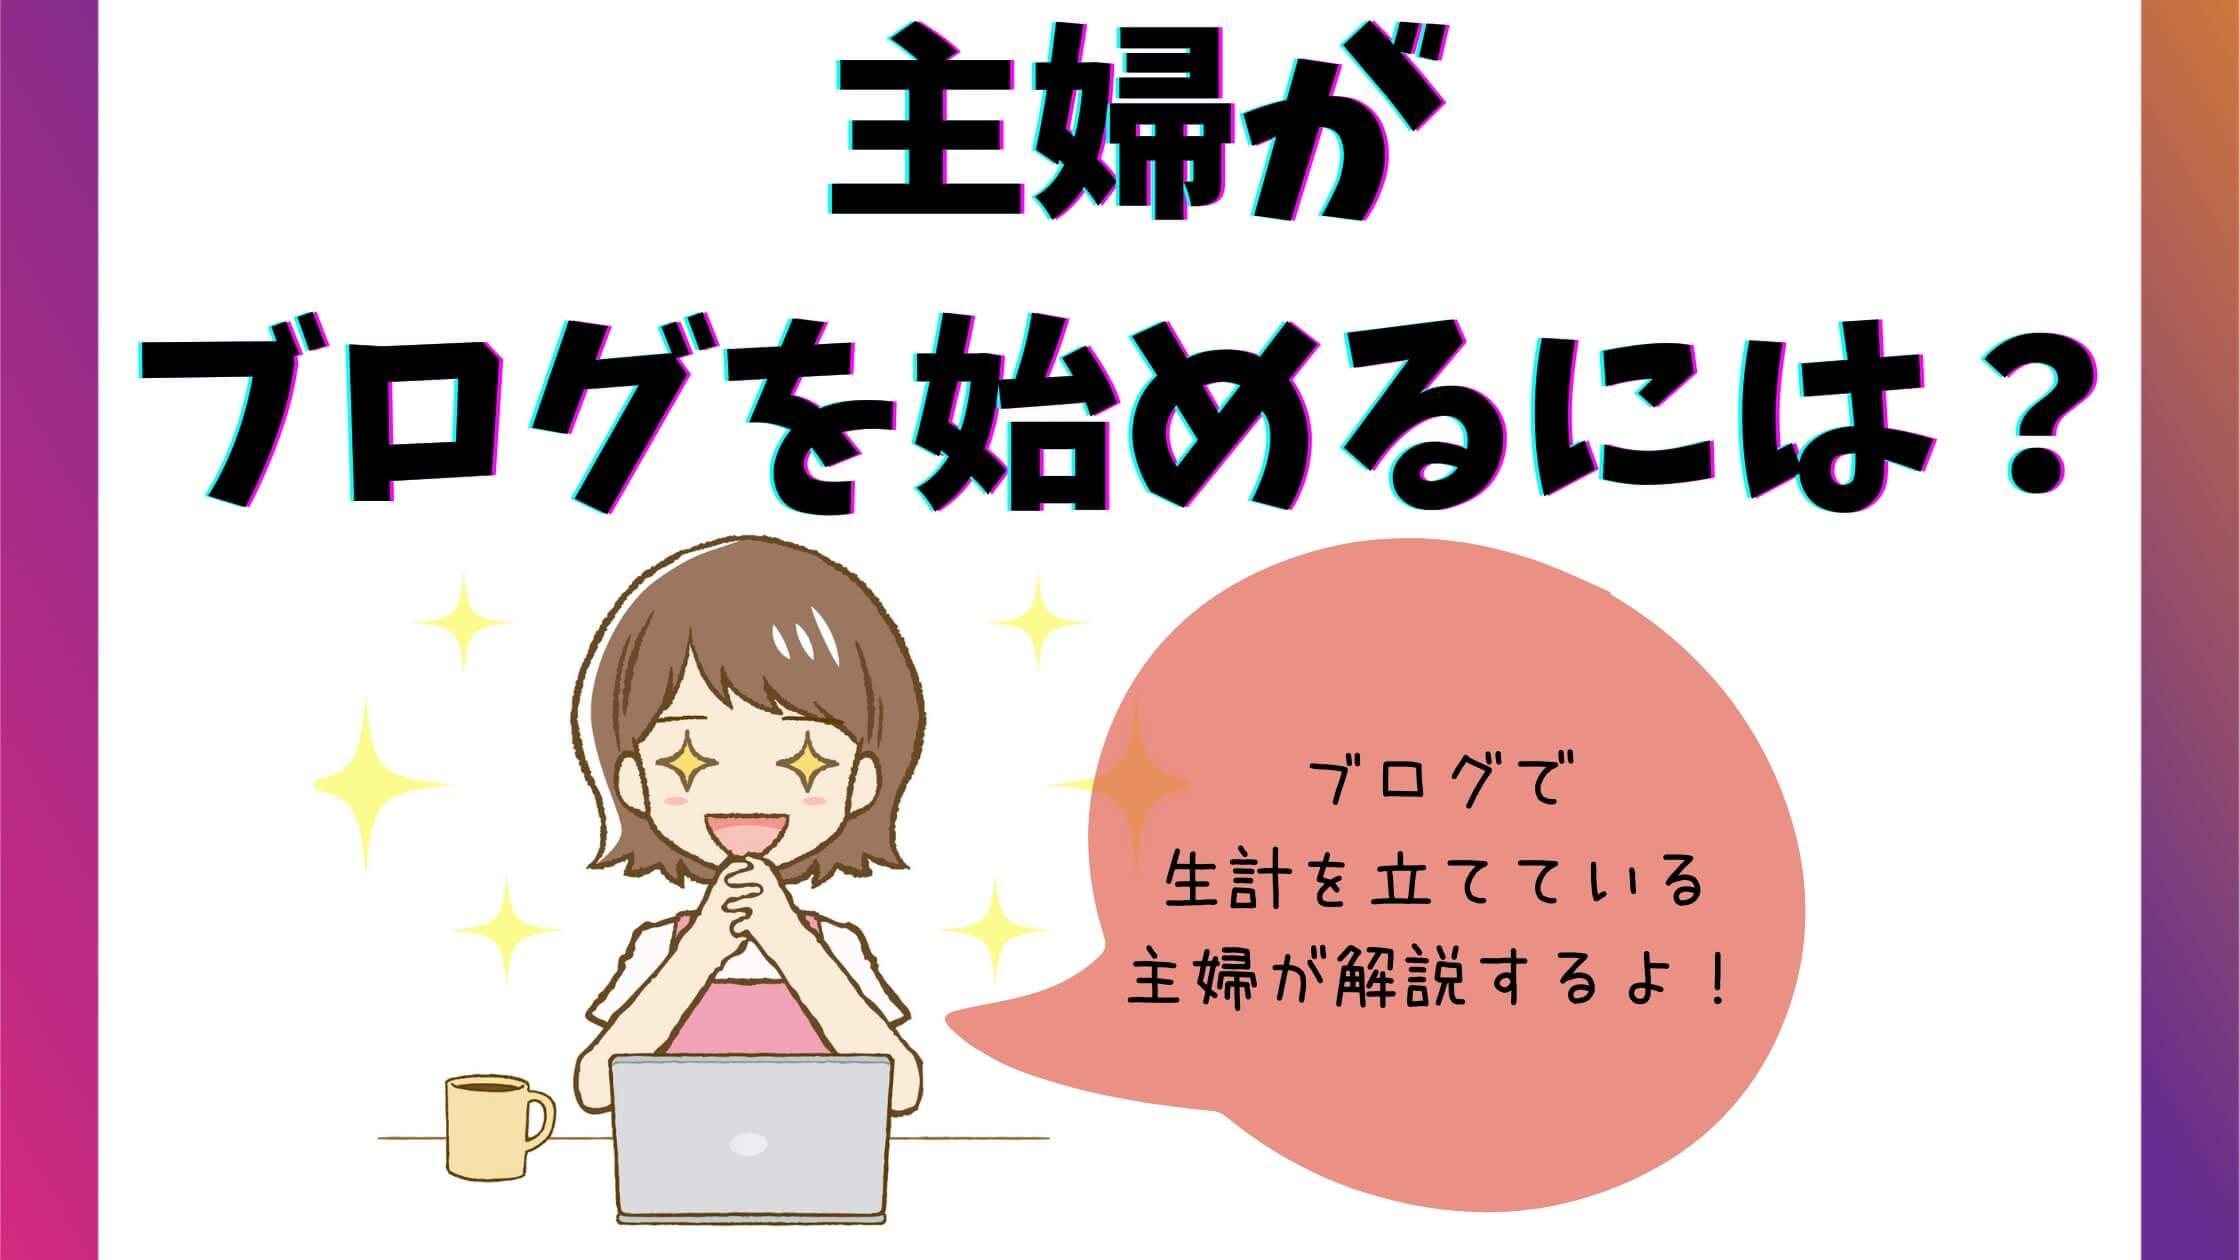 主婦のブログの始め方